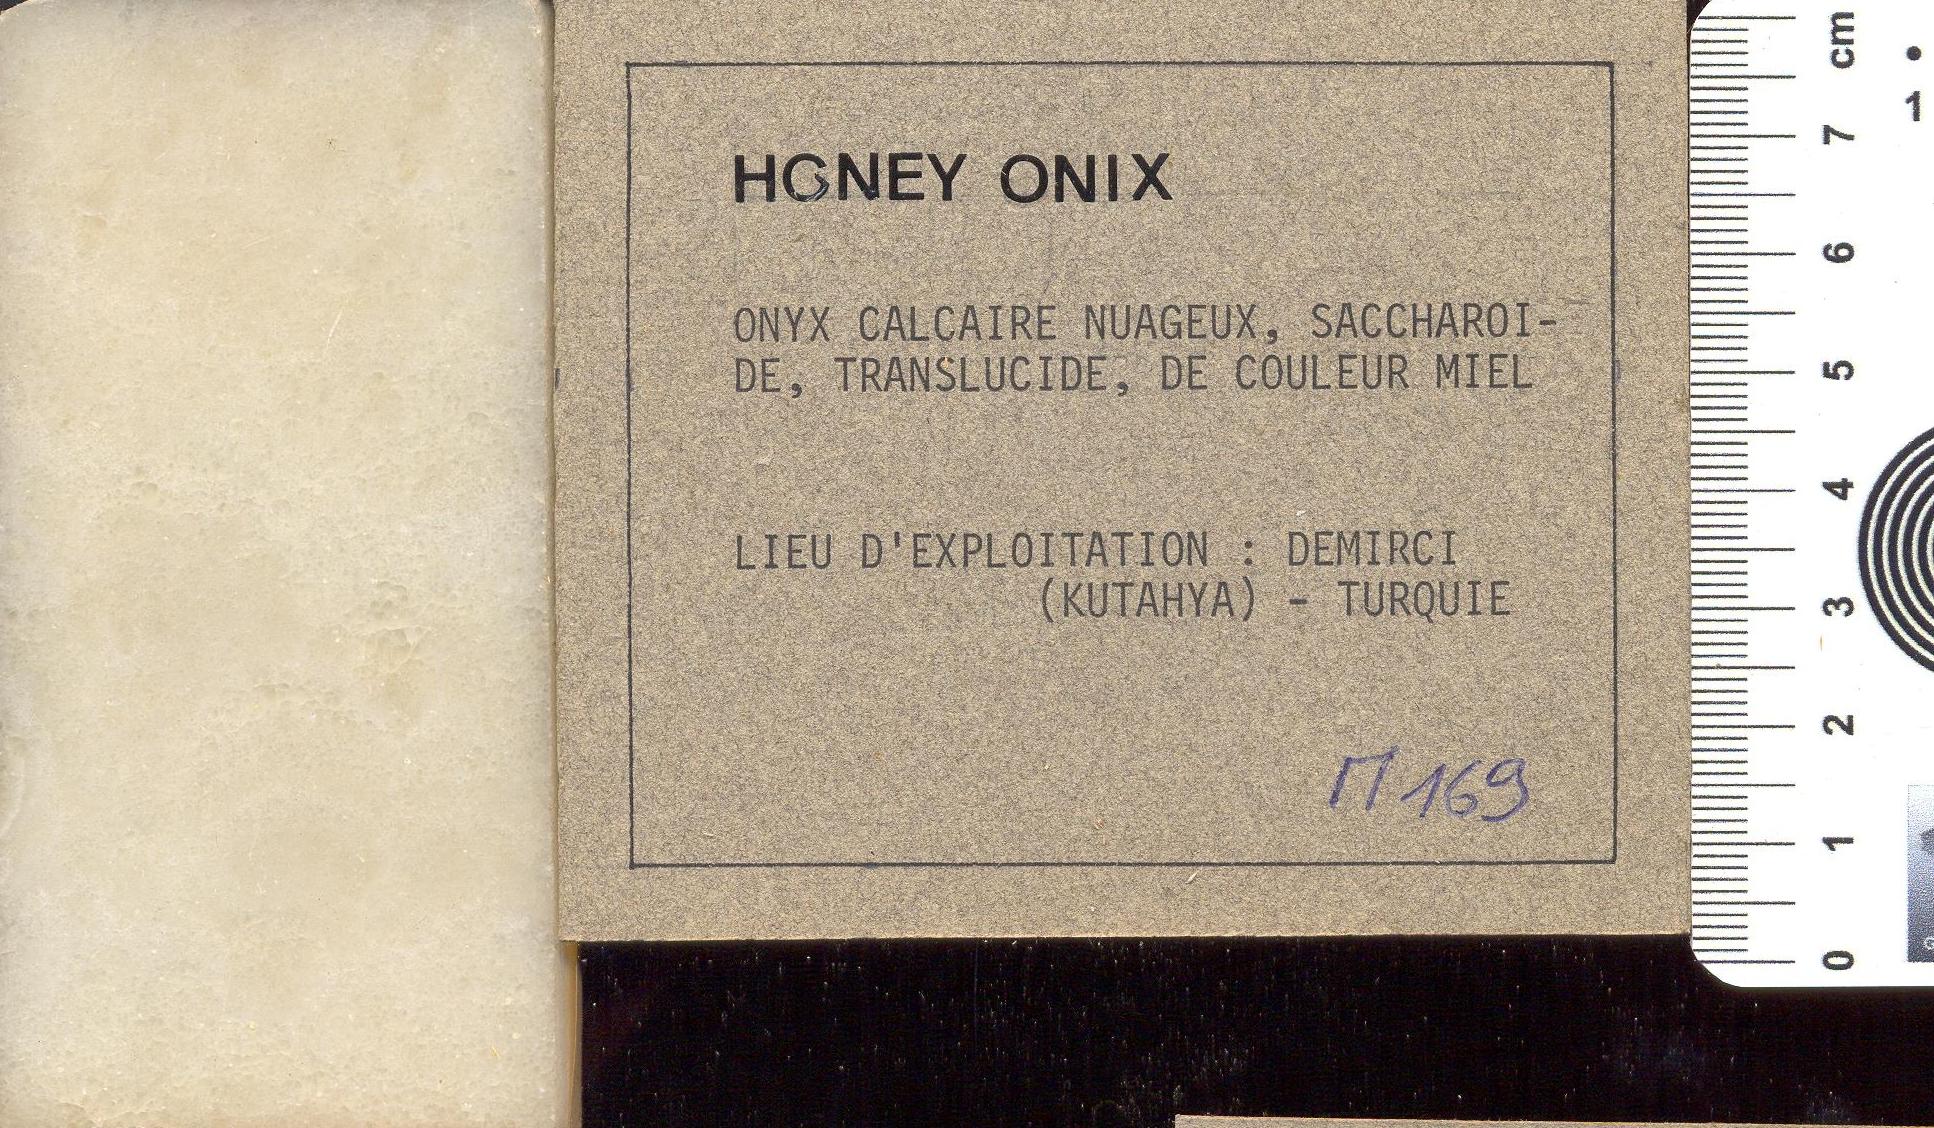 Honey Onyx M169